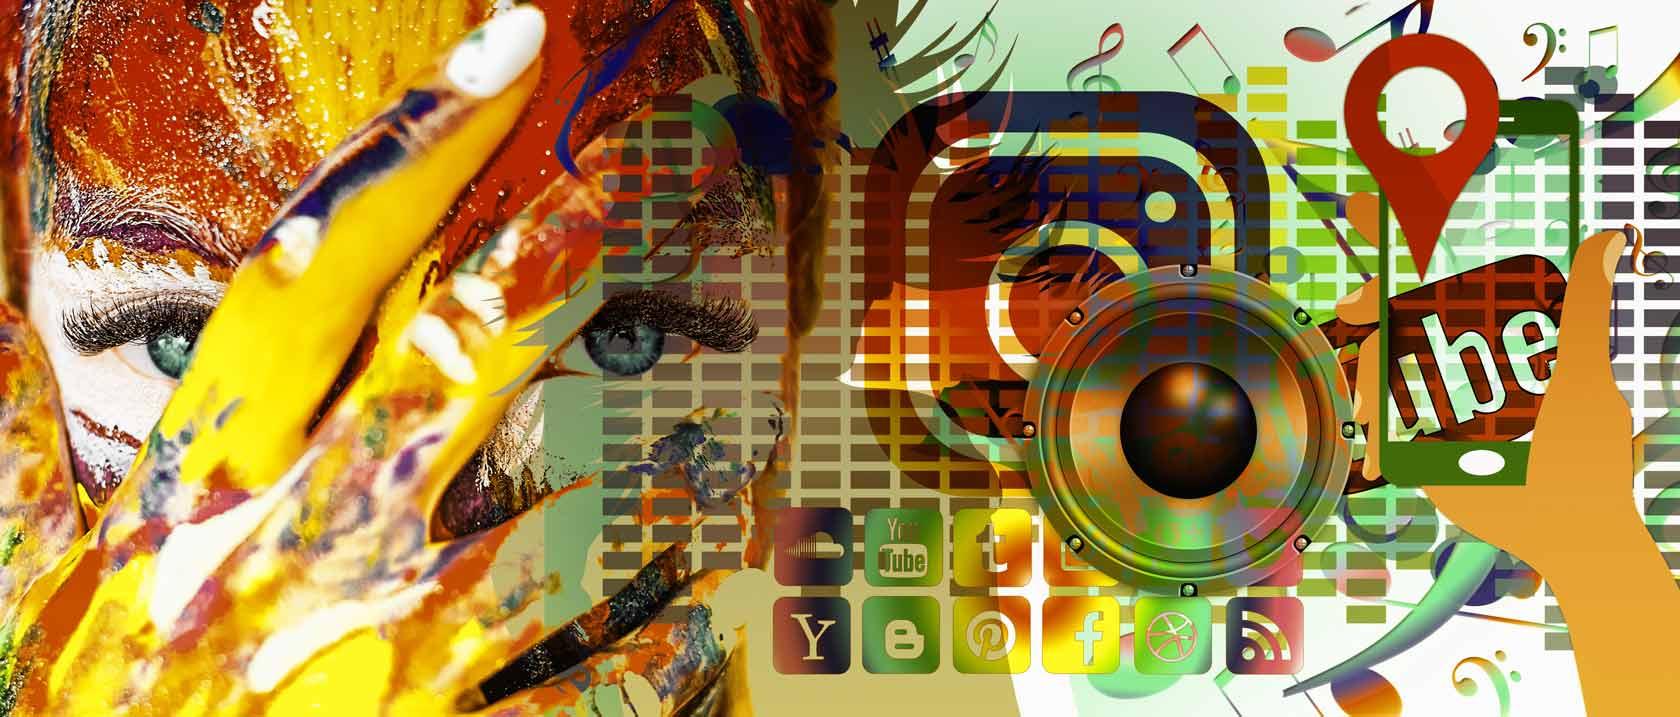 Wer sich mit Digital Marketing auseinandersetzt, kommt um Social Media Ads kaum herum.